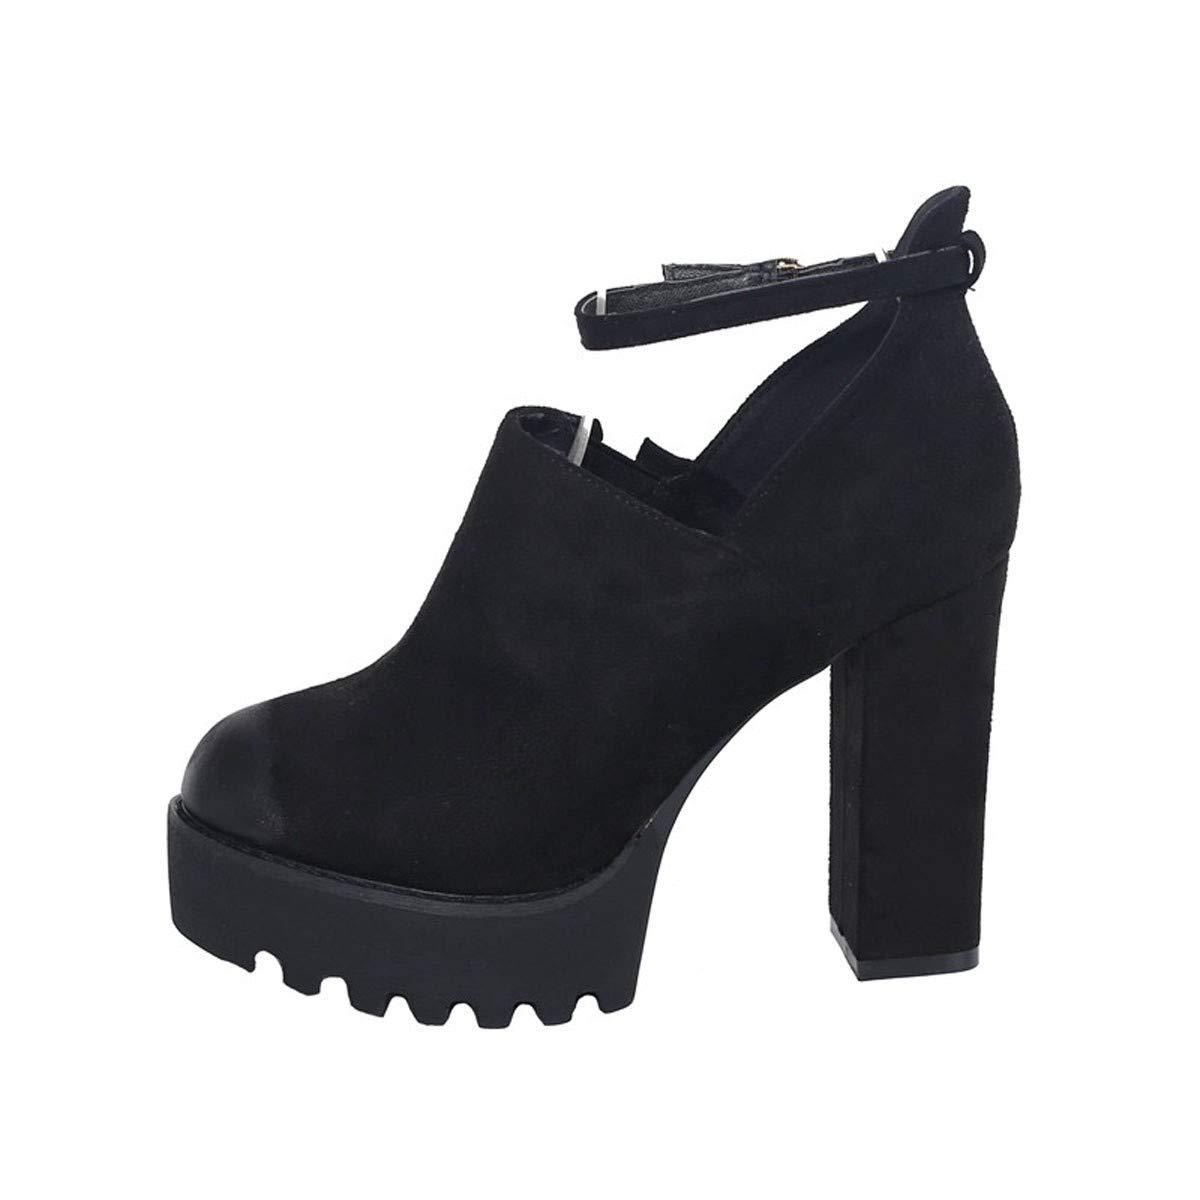 GTVERNH Frauen Schuhe Hochhackigen Schuhe Kurze Stiefeln Dicken Hintern Wasserdichte Plattform 11Cm Tiefe Mund Ferse Schuhe Einzelne Schuhe Damenschuhe Mode.